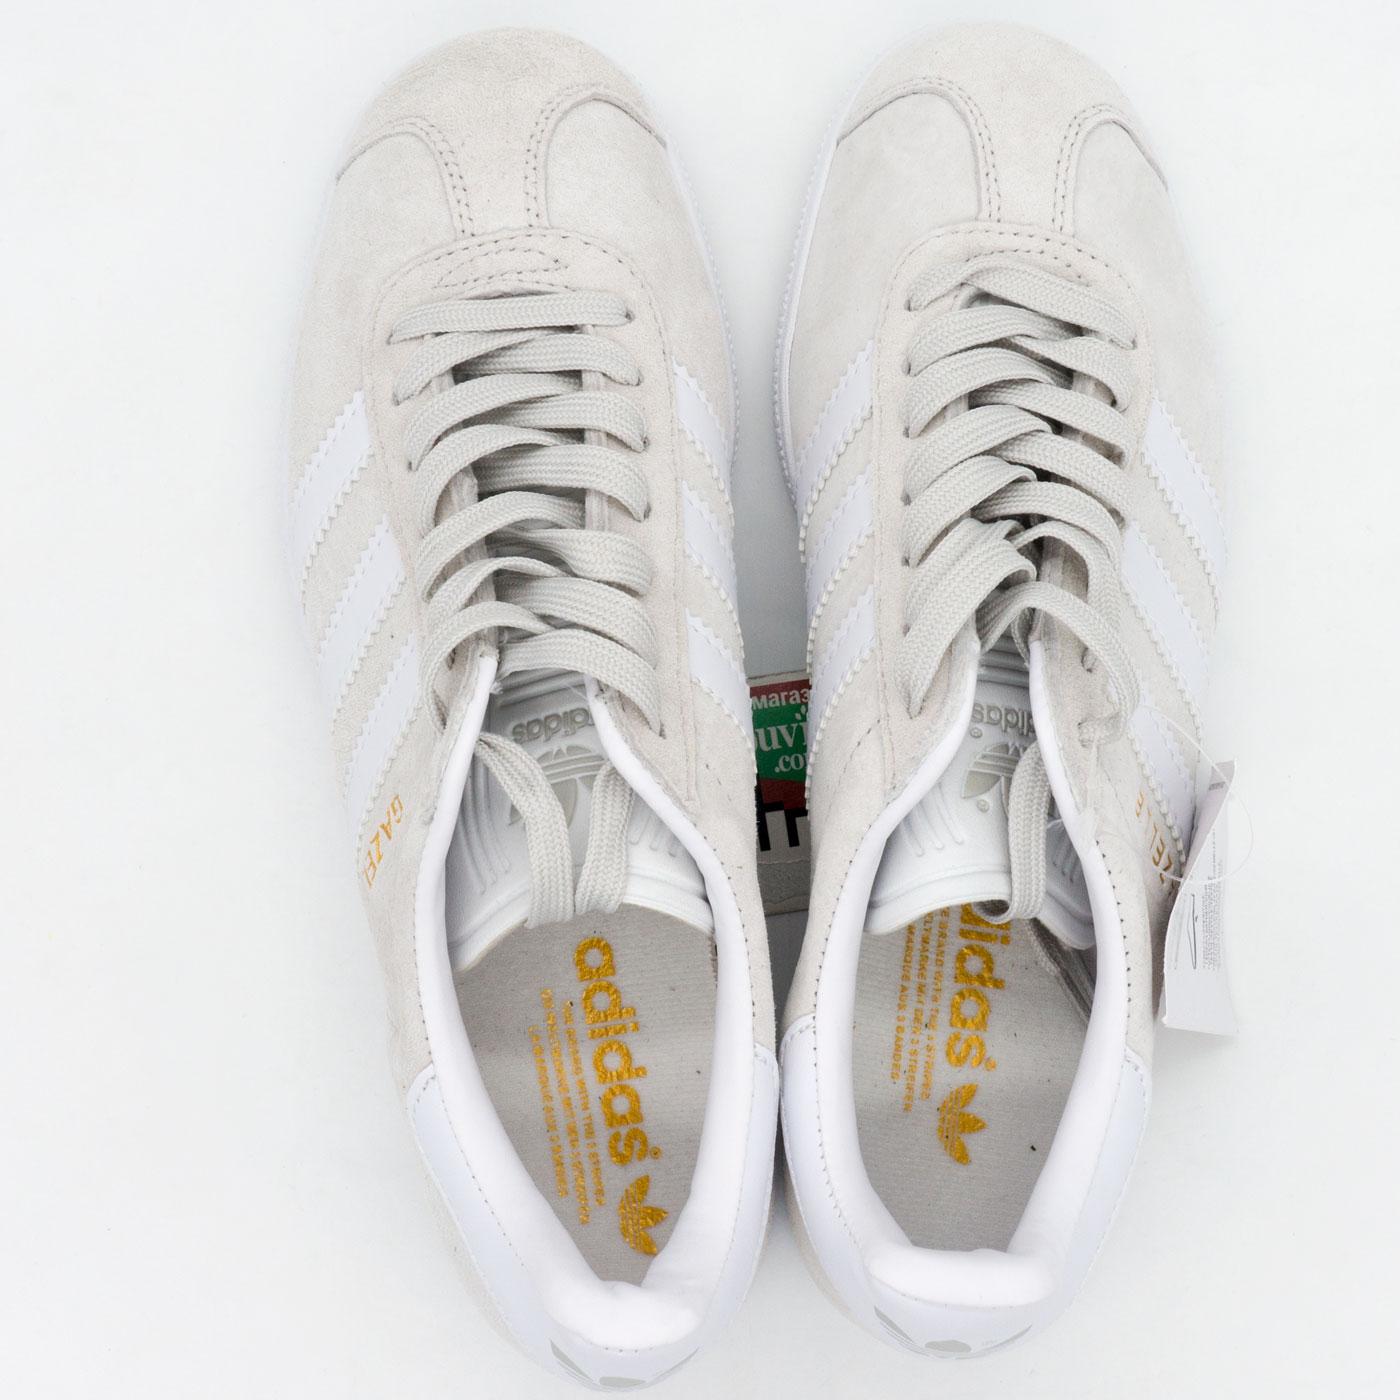 фото bottom Светло серые кроссовки Adidas Gazelle натуральная замша,  Vietnam - Топ качество! bottom